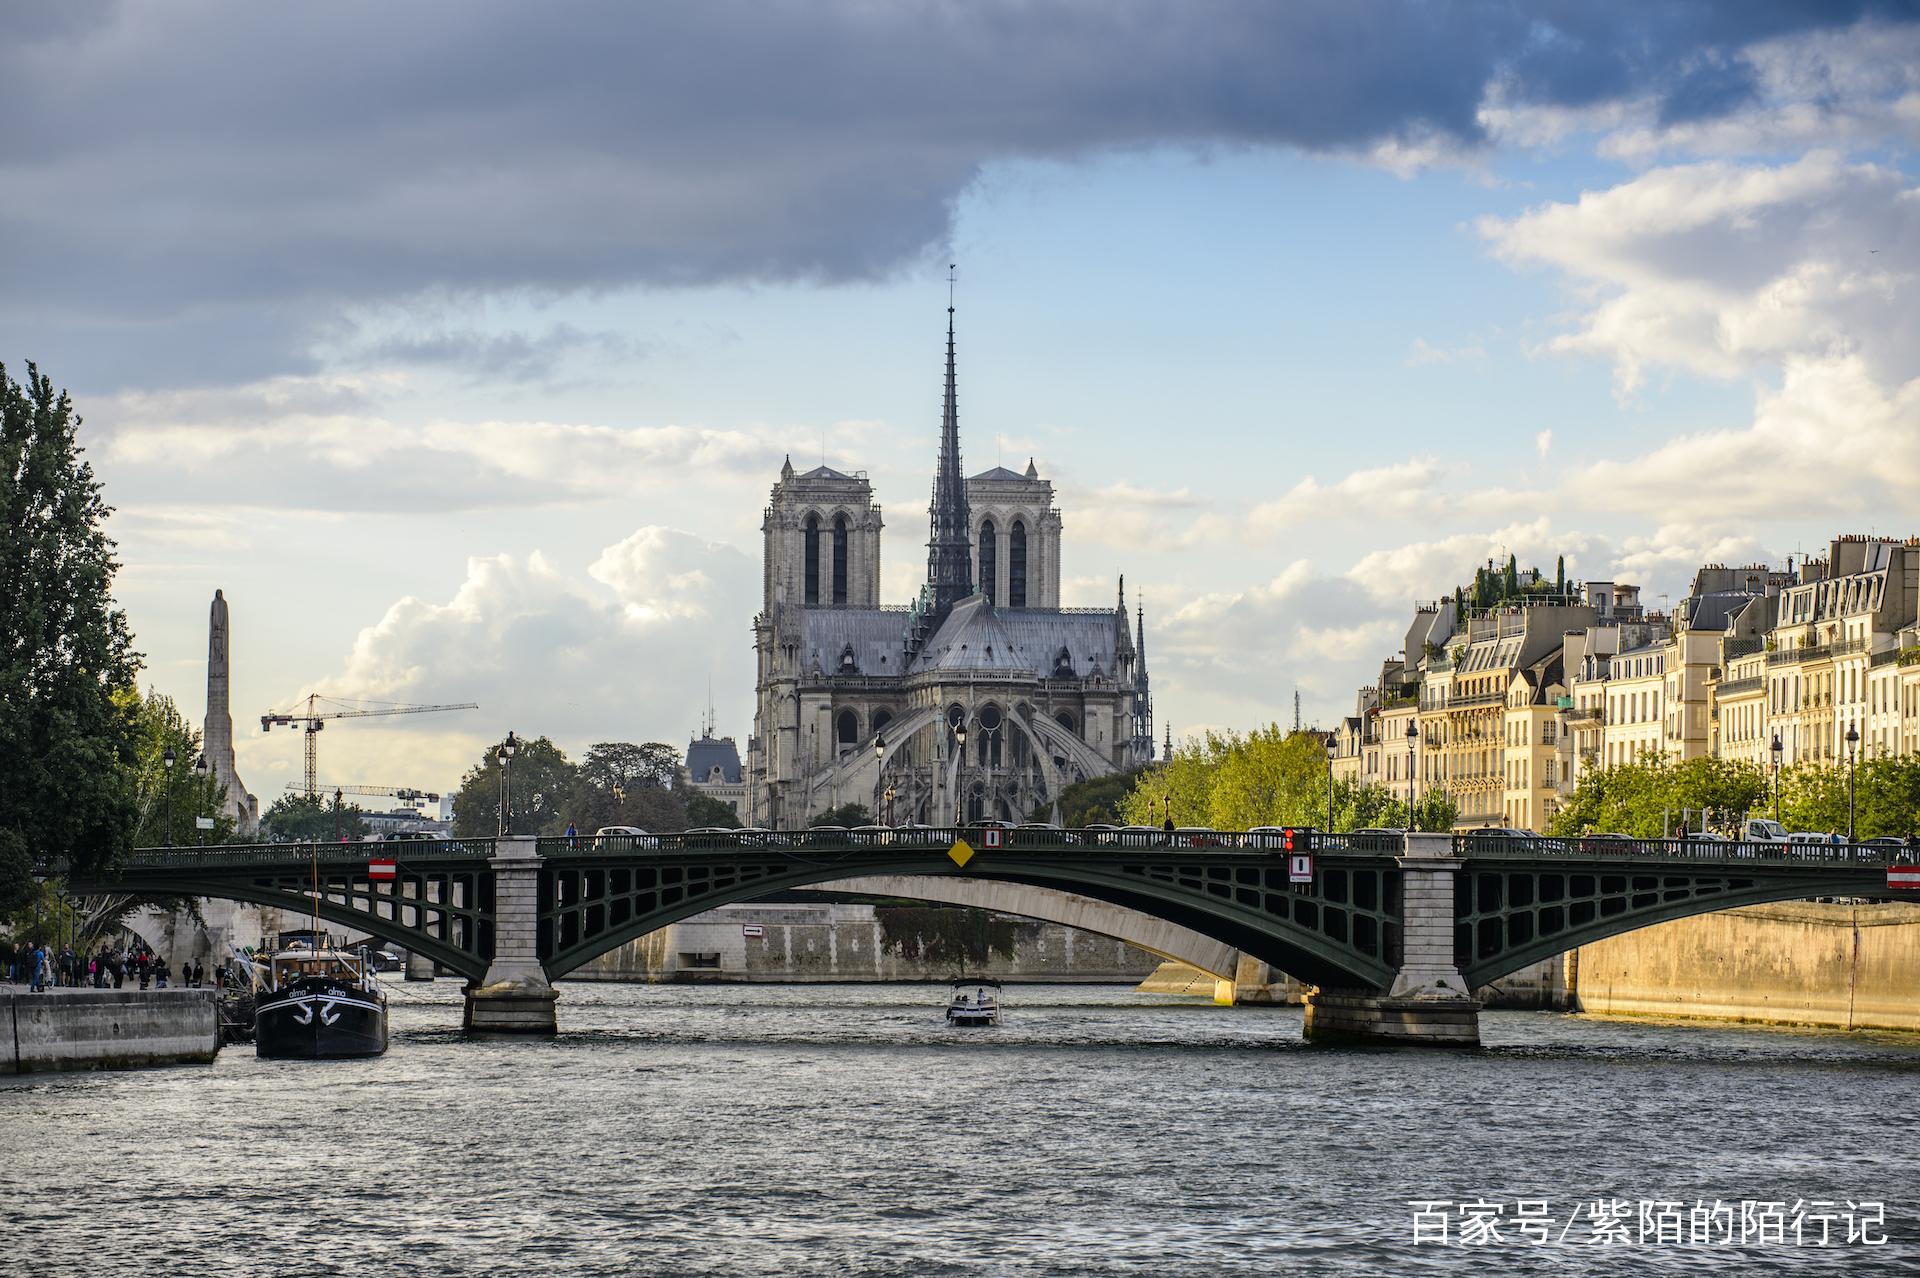 巴黎最有名的怪人,钟楼美女与吉普赛教堂的故爆v怪人美女乳图片